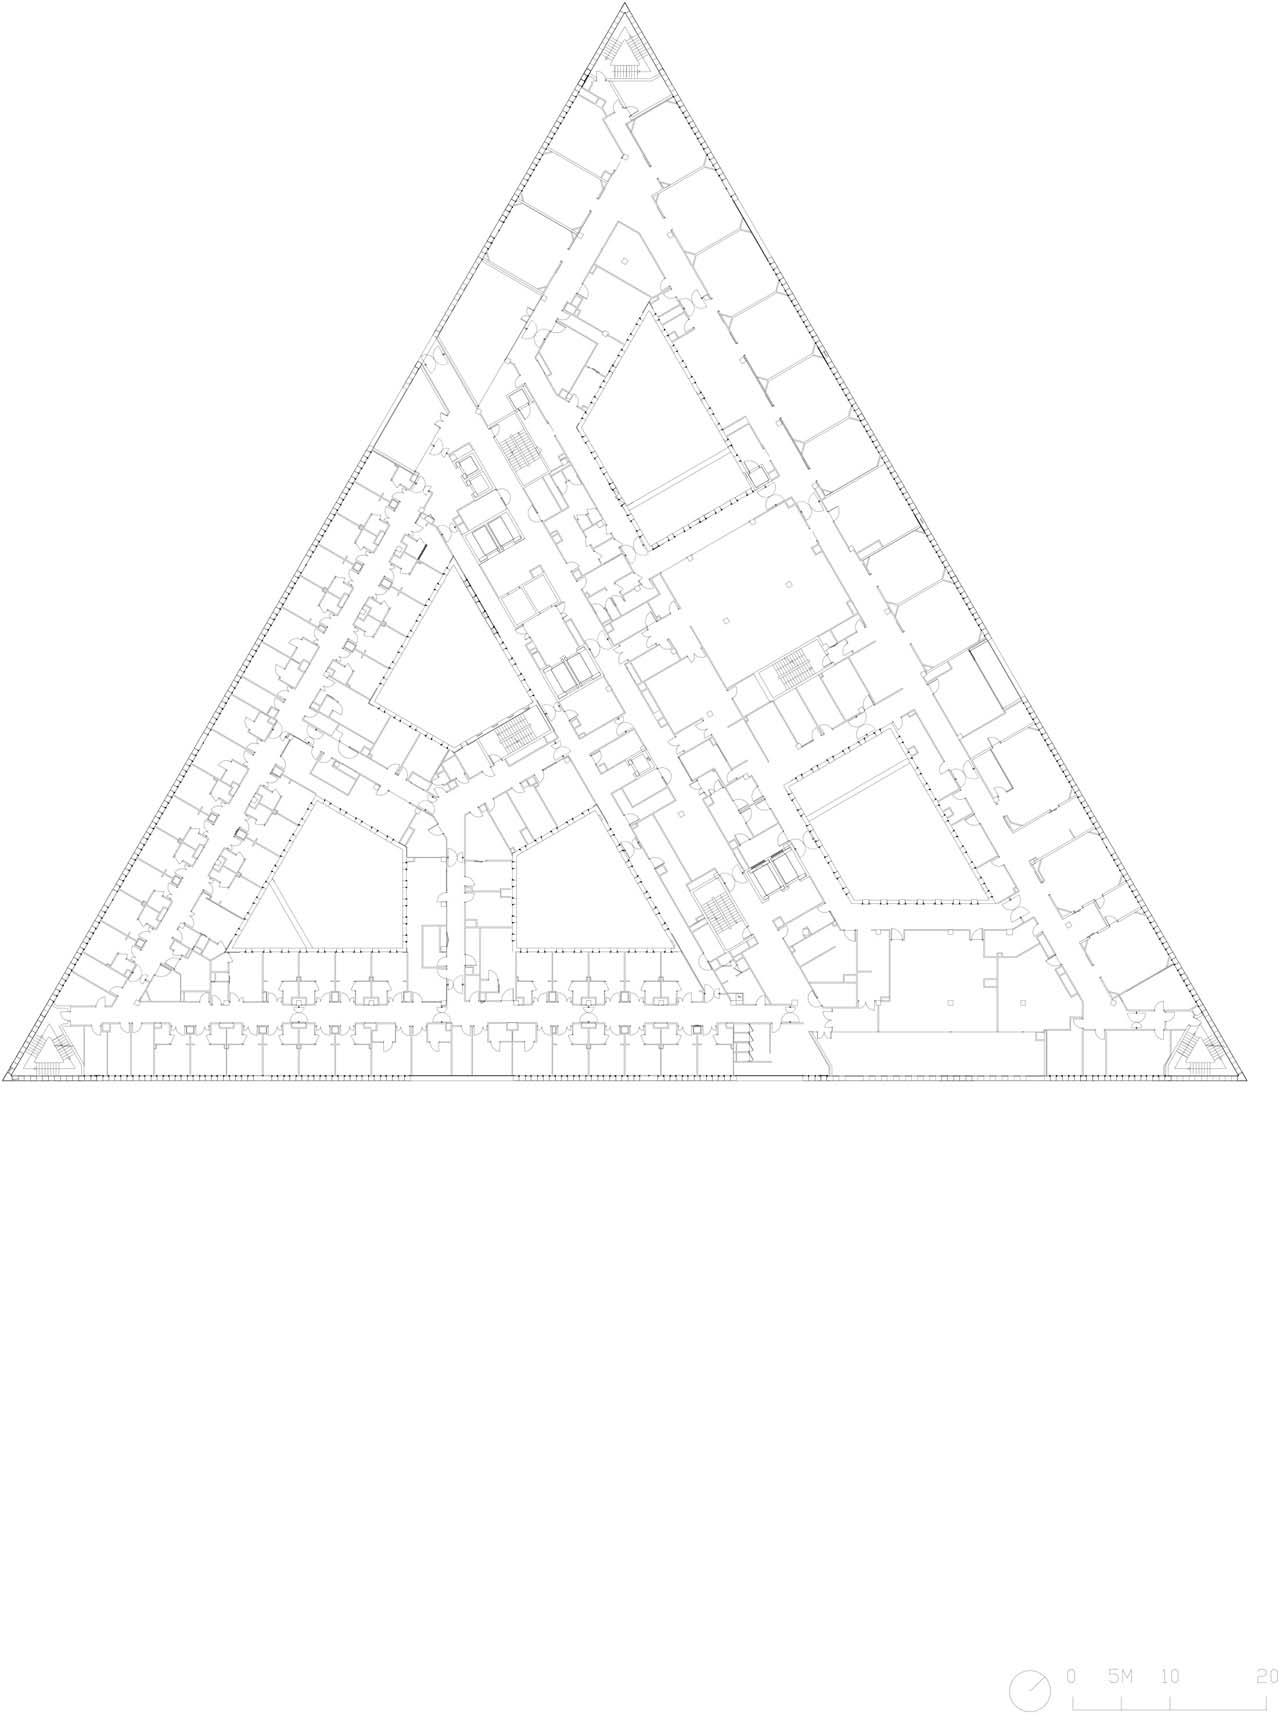 Scau soci t de conception d 39 architecture et d 39 urbanisme for Courant architectural